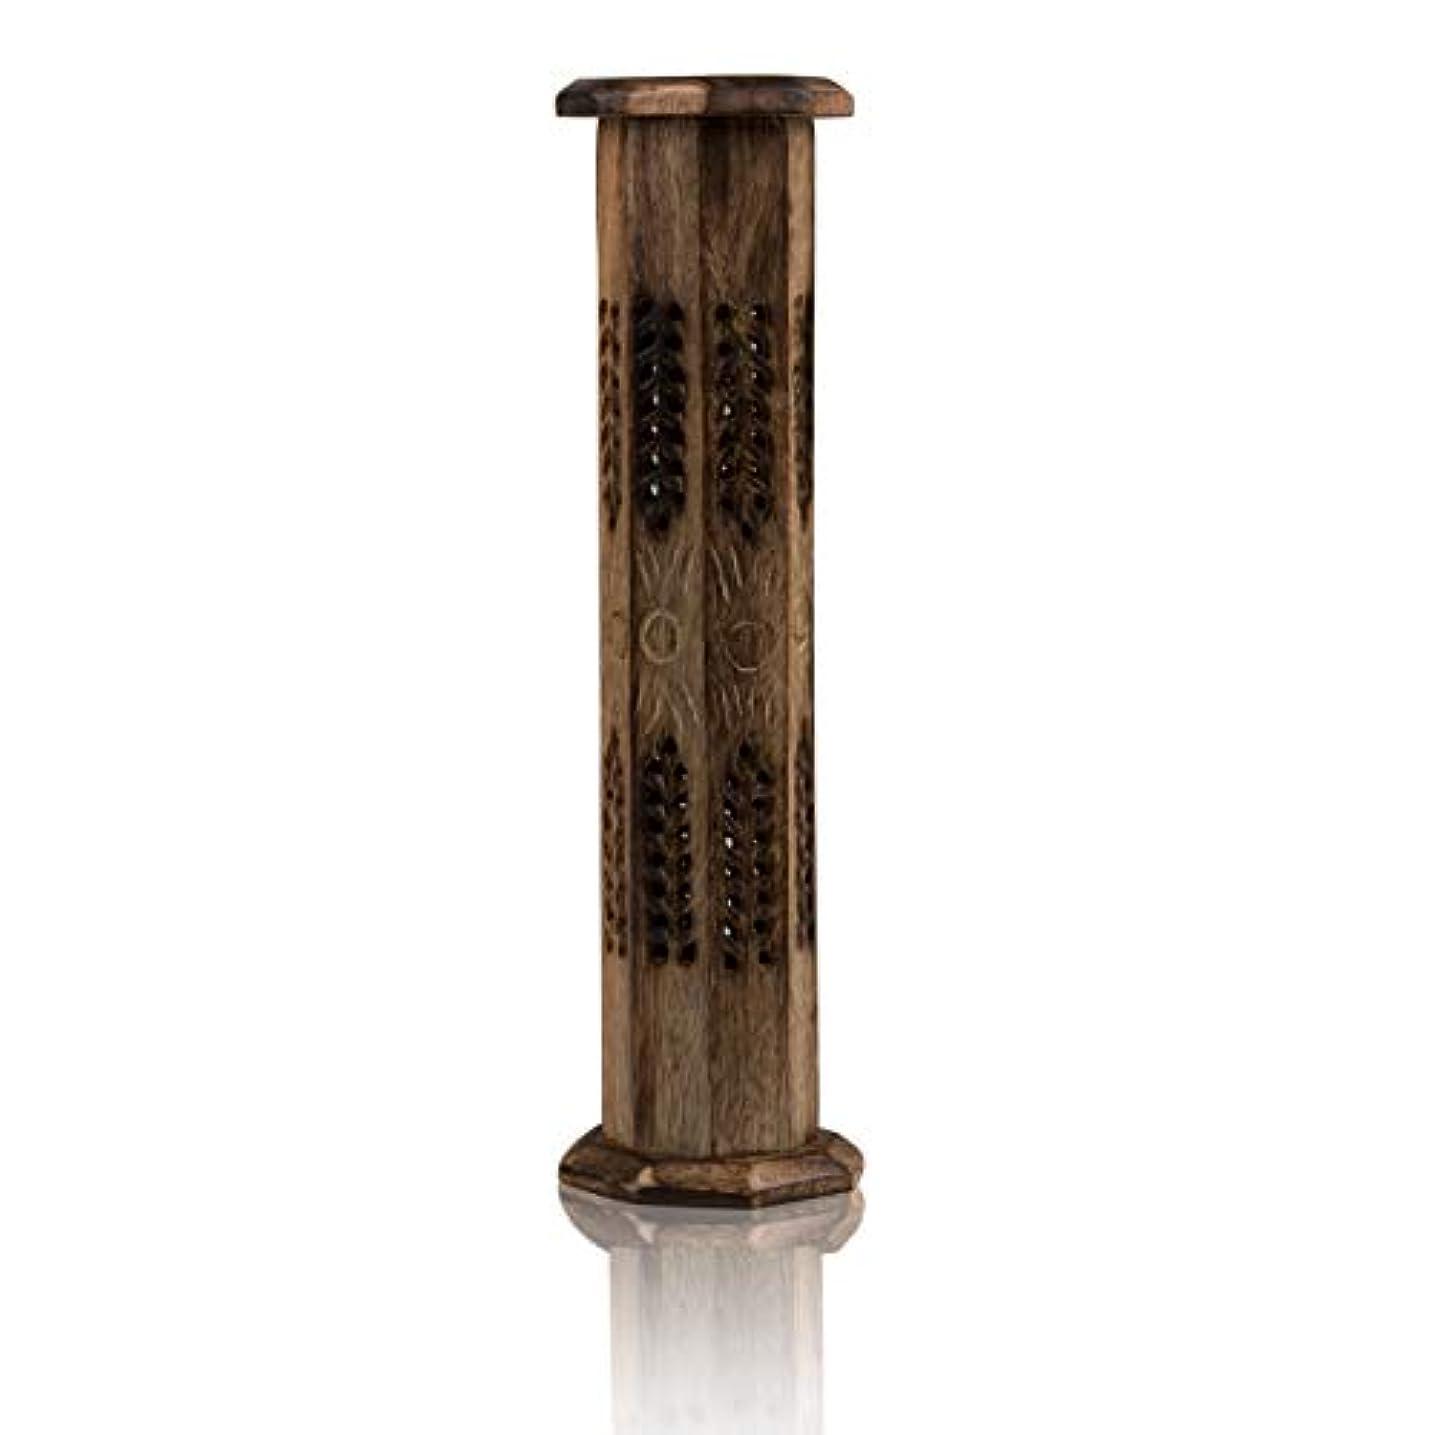 を除くトロリーリットル木製お香スティック&コーンバーナーホルダー タワー ラージ オーガニック エコフレンドリー アッシュキャッチャー アガーバティホルダー 素朴なスタイル 手彫り 瞑想 ヨガ アロマセラピー ホームフレグランス製品